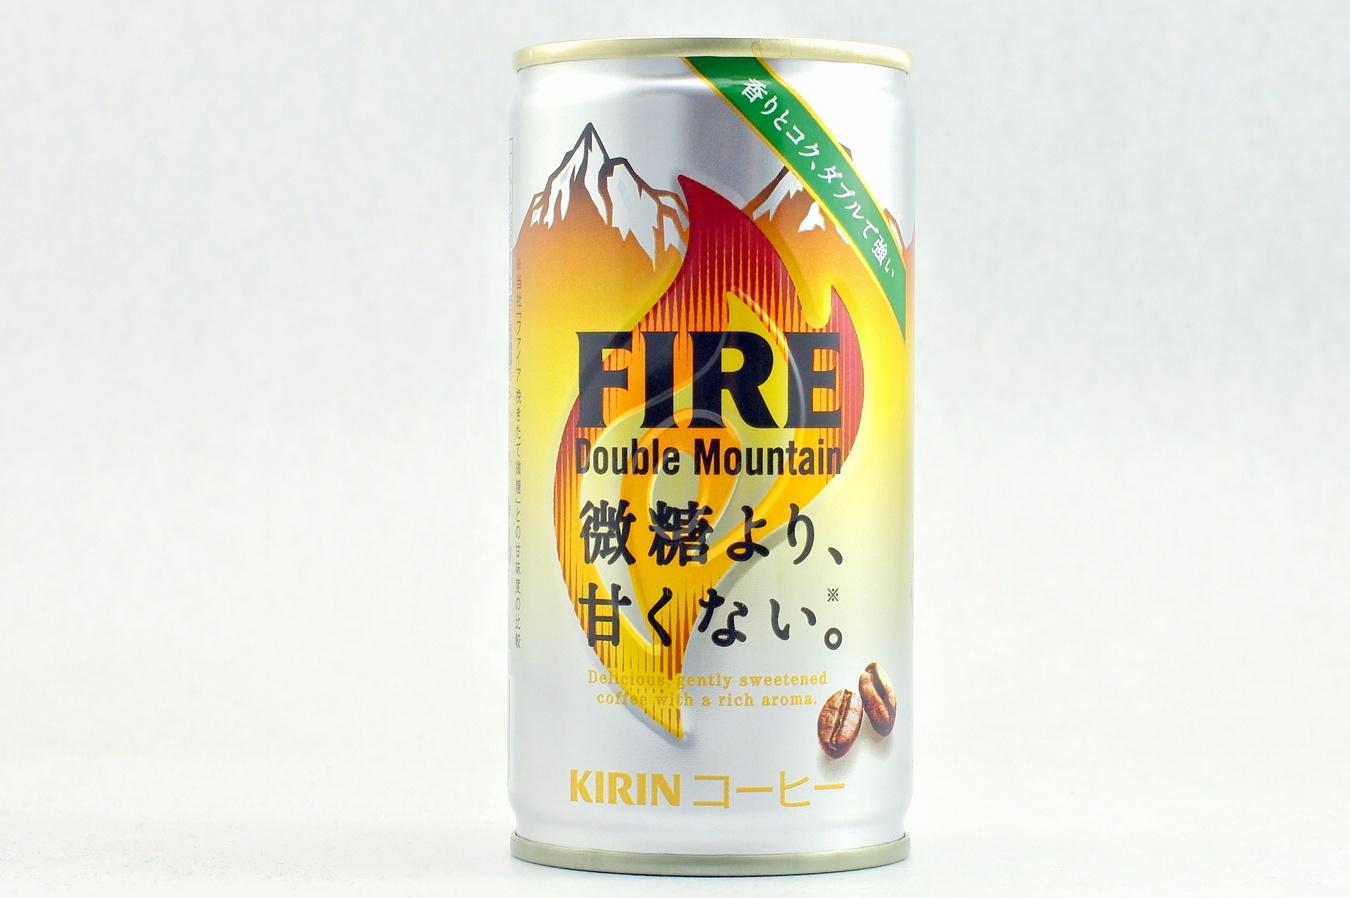 FIRE ダブルマウンテン